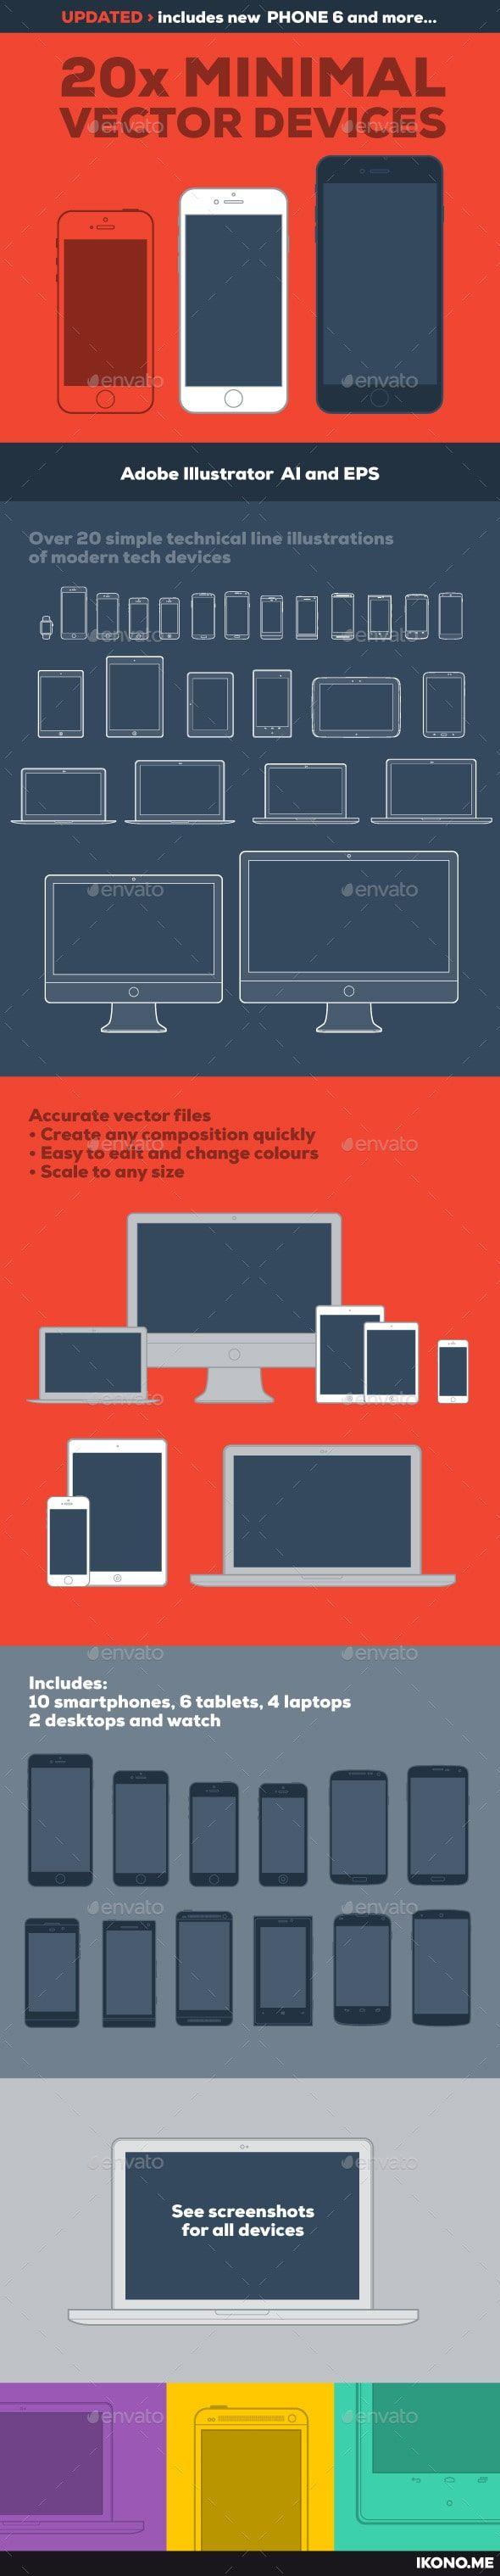 دانلود رايگان فايل : 20 طرح وکتور مینیمال برای تجهیزات الکترونیکی graphicriver 20 Minimal Vector Devices